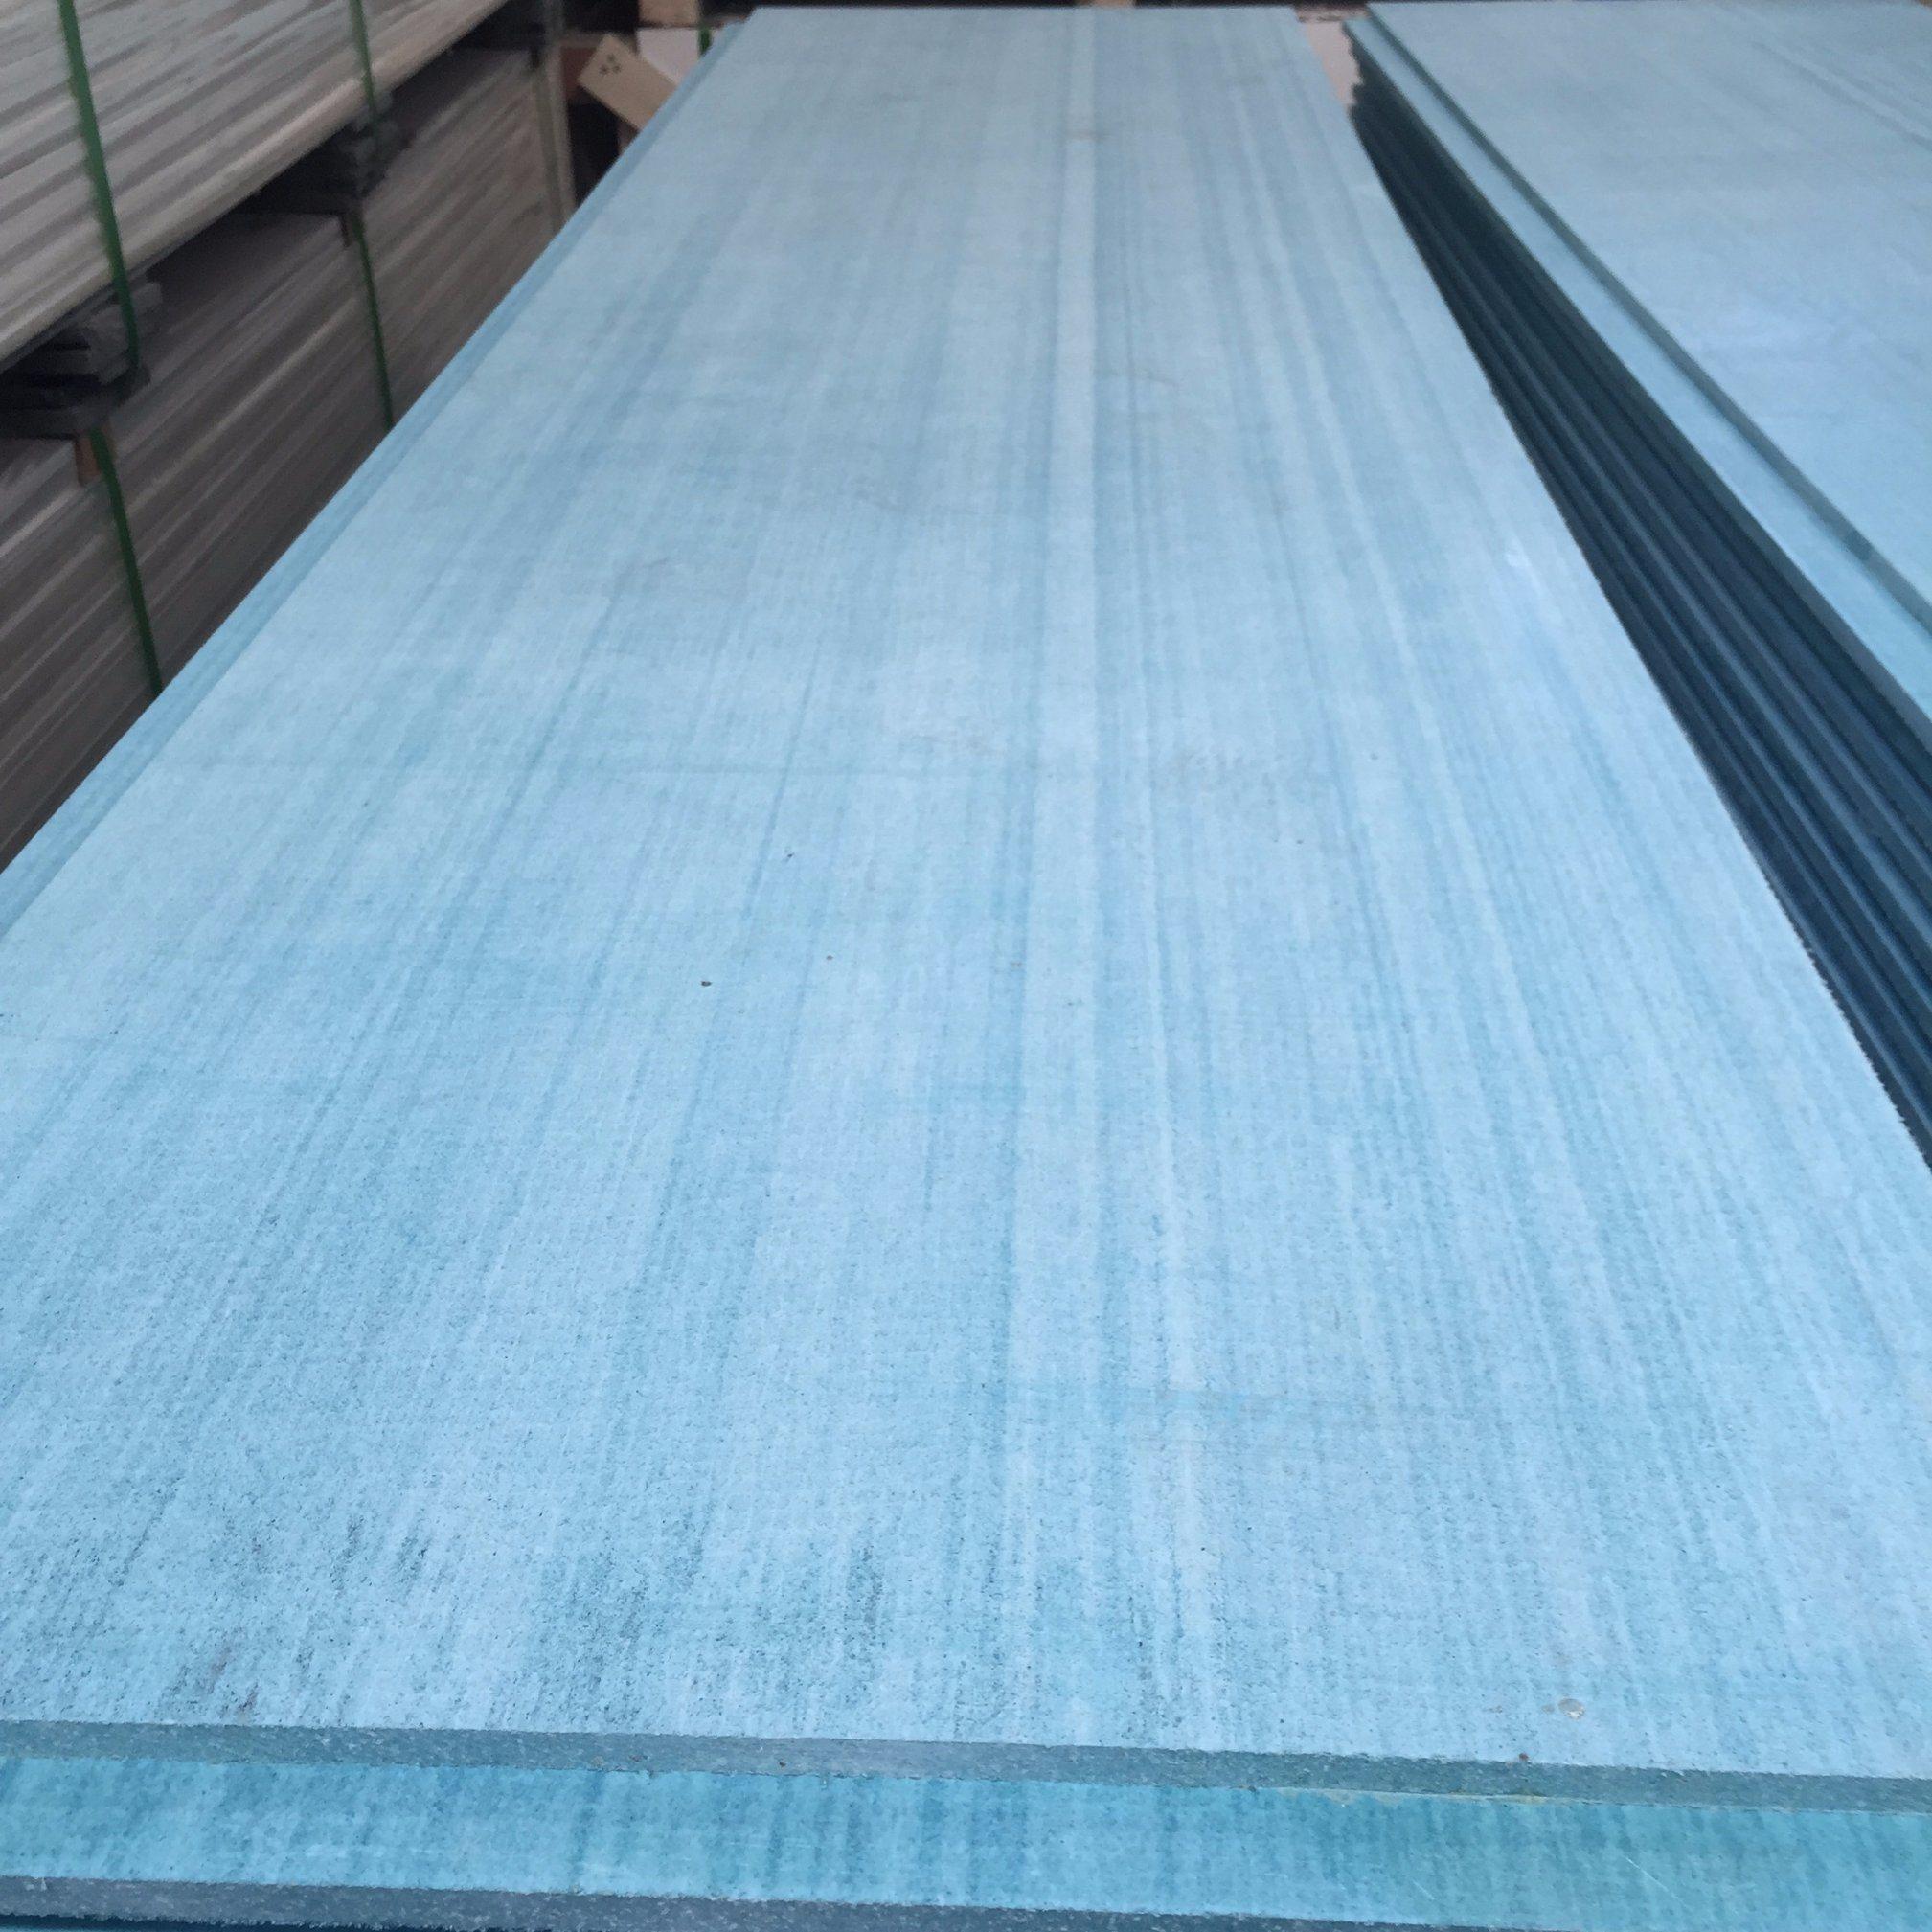 China Waterproof MGO Panels Bathroom Wall Covering Panels - China ...